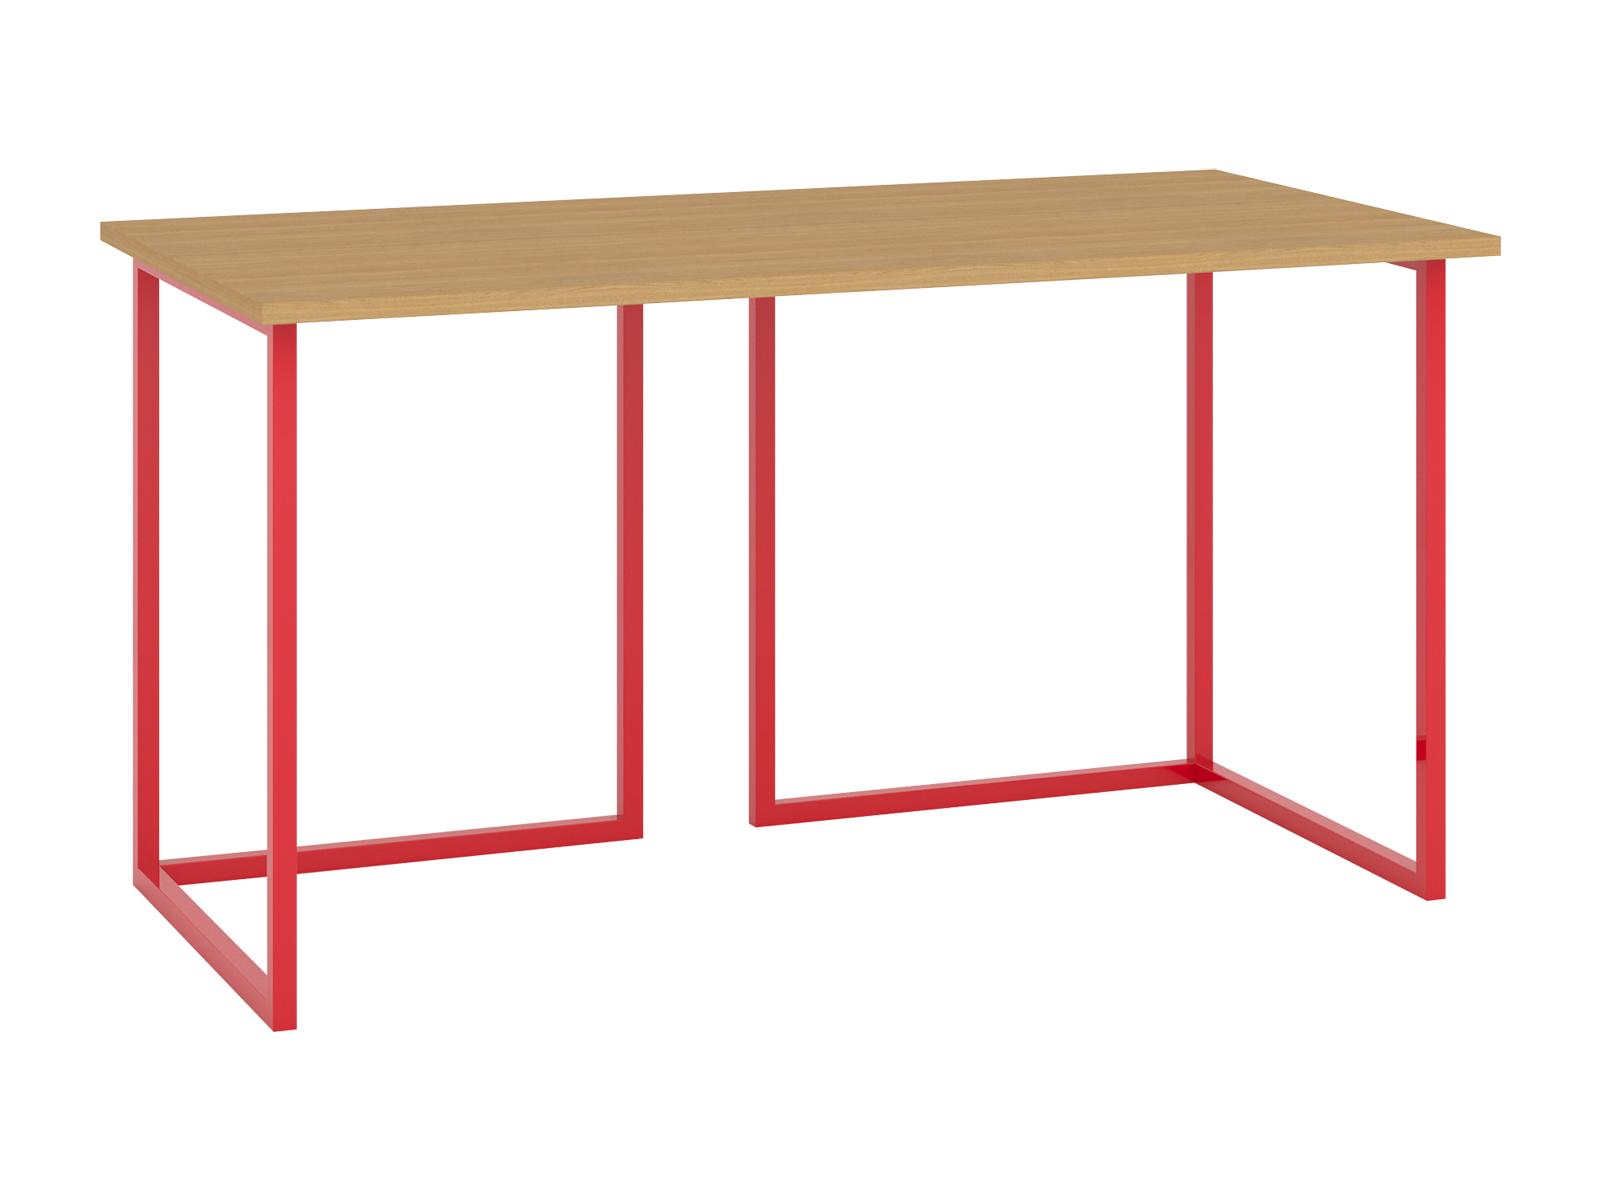 Стол BoardПисьменные столы<br>&amp;lt;div&amp;gt;Большой выбор столешниц и цветов оснований позволяет создавать комбинации, точно отвечающие вашим потребностям.&amp;lt;/div&amp;gt;&amp;lt;div&amp;gt;&amp;lt;br&amp;gt;&amp;lt;/div&amp;gt;&amp;lt;div&amp;gt;Материалы:&amp;lt;/div&amp;gt;&amp;lt;div&amp;gt;Основание: металл окрашенный.&amp;lt;/div&amp;gt;&amp;lt;div&amp;gt;Полки: ЛДСП 22мм.&amp;lt;/div&amp;gt;<br><br>Material: ДСП<br>Ширина см: 140<br>Высота см: 74<br>Глубина см: 70